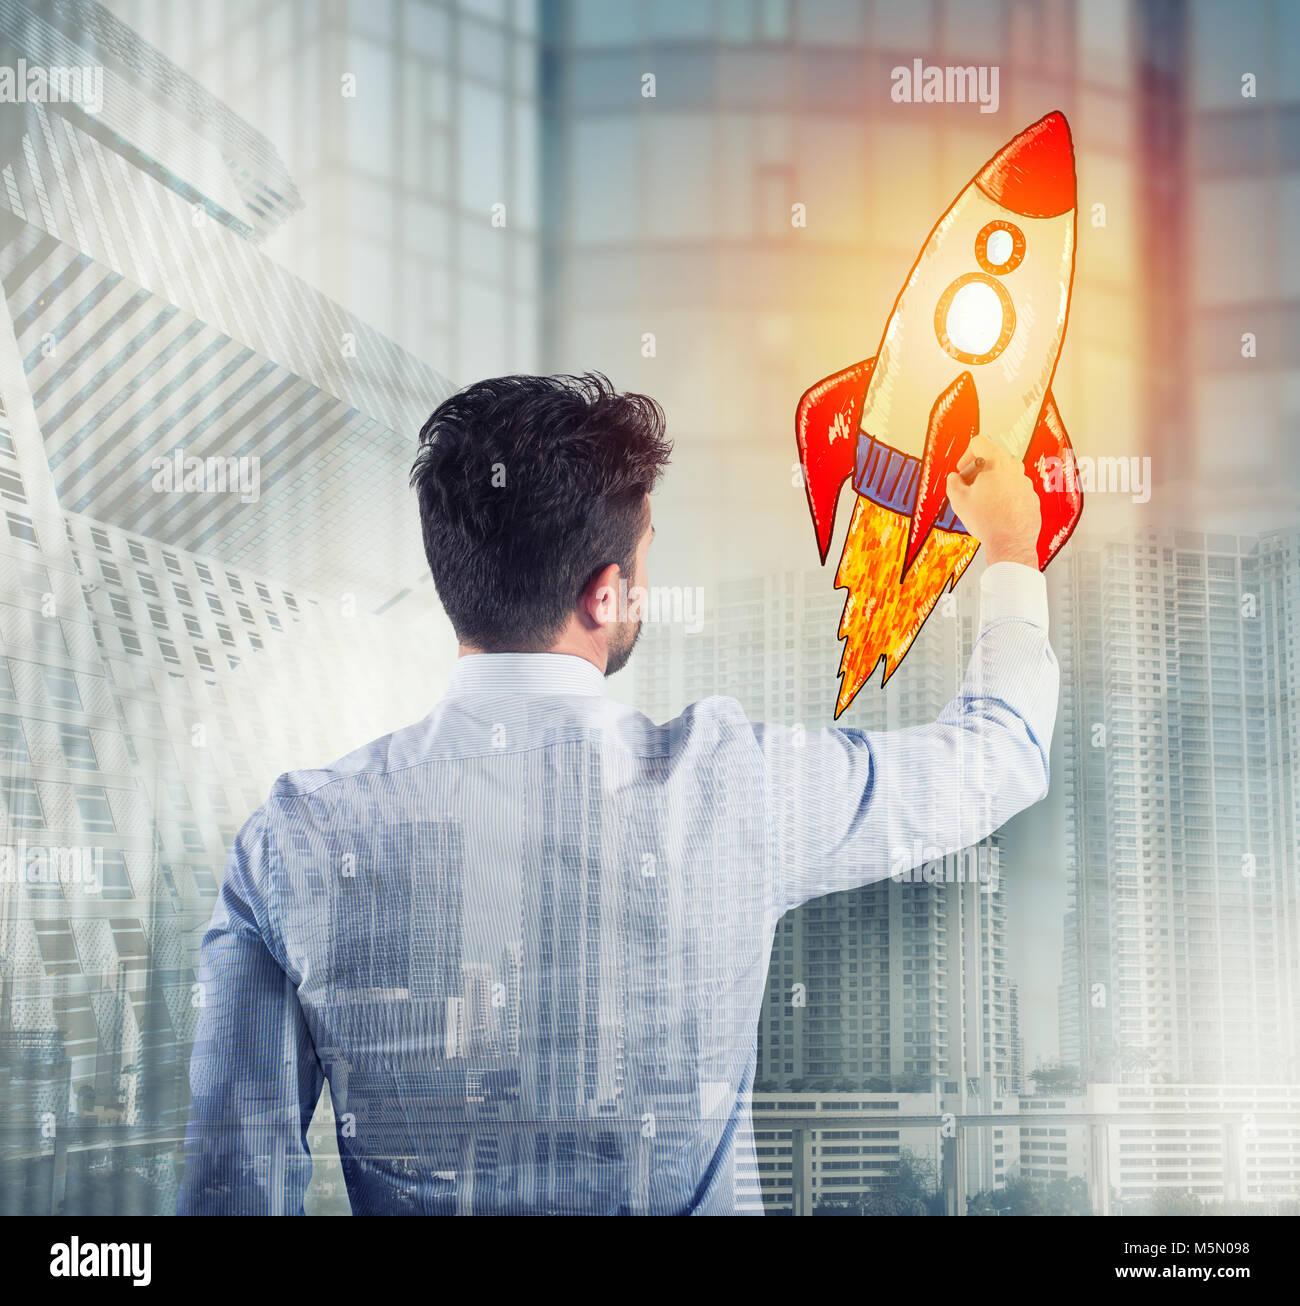 Empresario el dibujo de un cohete. Concepto de mejora empresarial y el inicio de la empresa Imagen De Stock